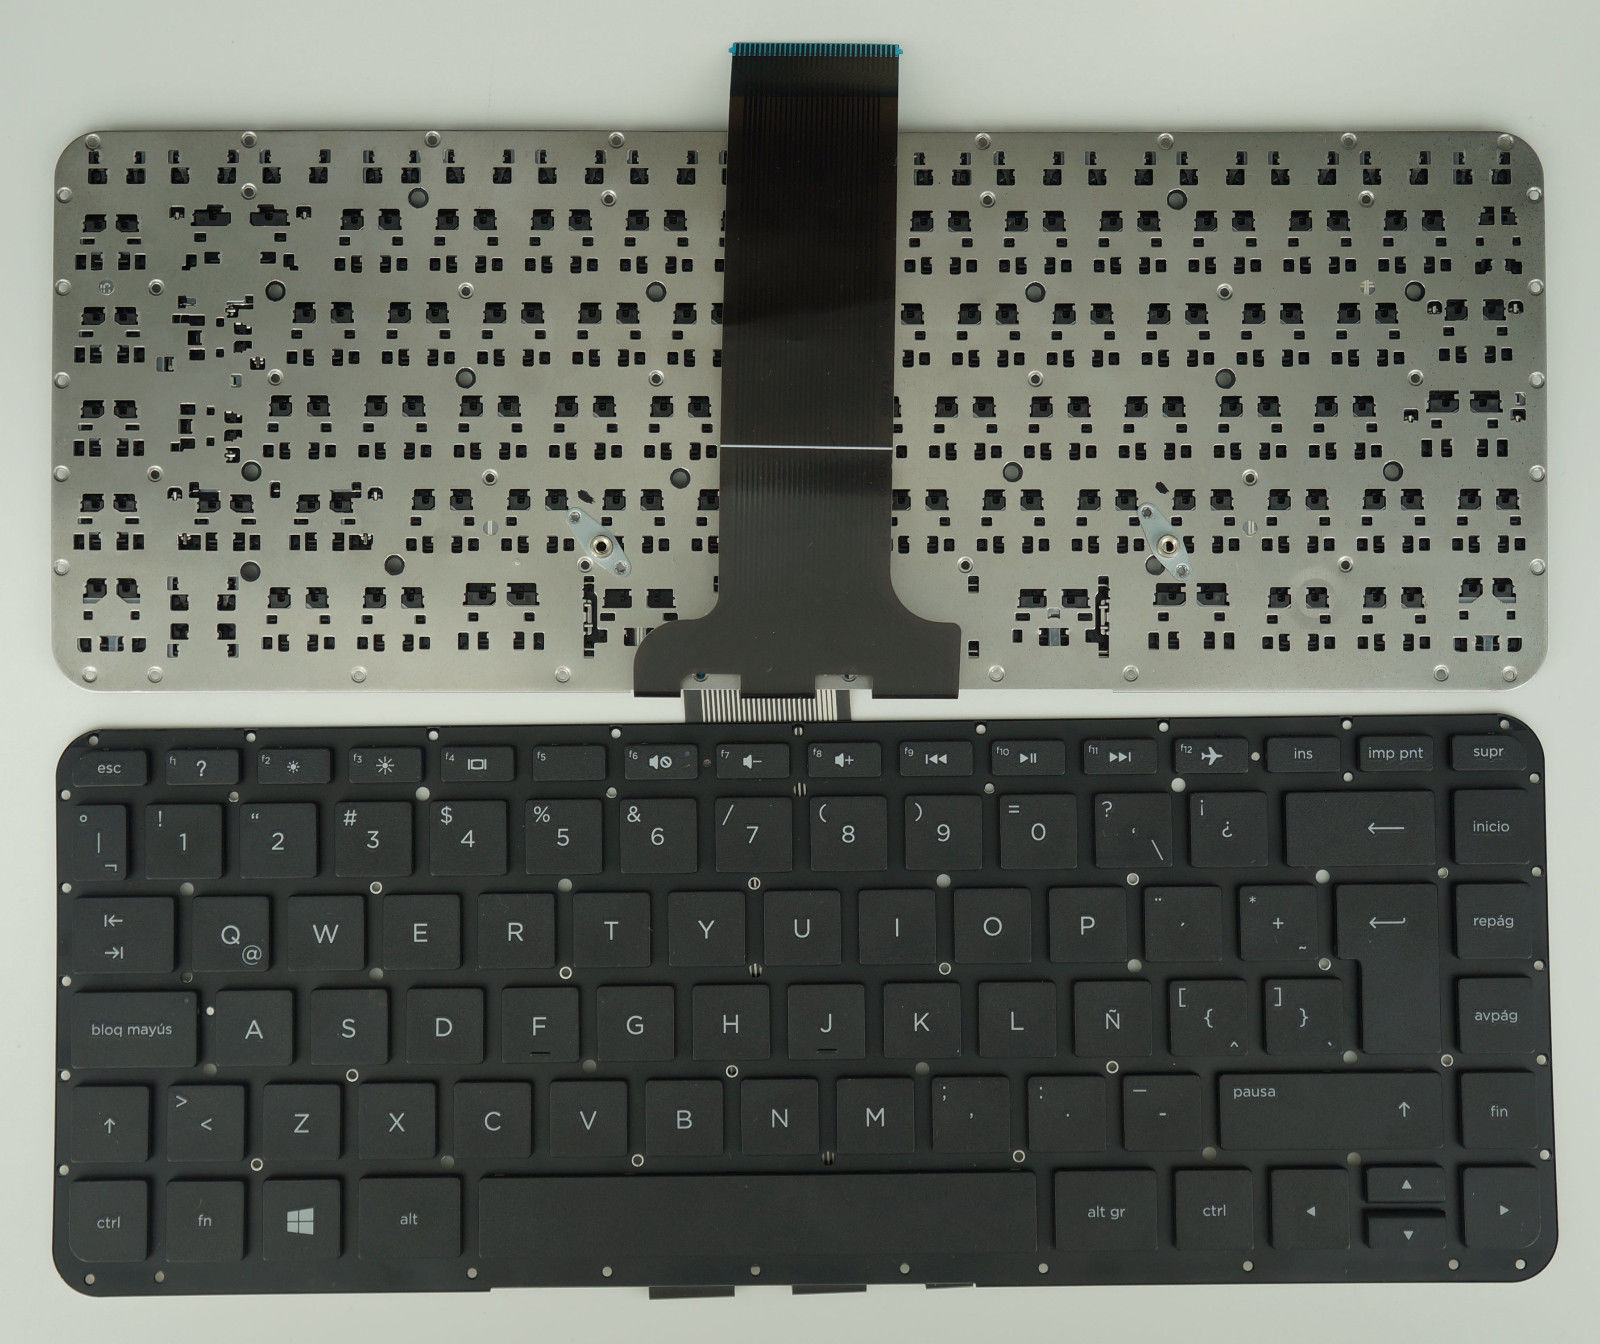 Thay bàn phím laptop HP pavilon 360 giá rẻ tại Hà Nội